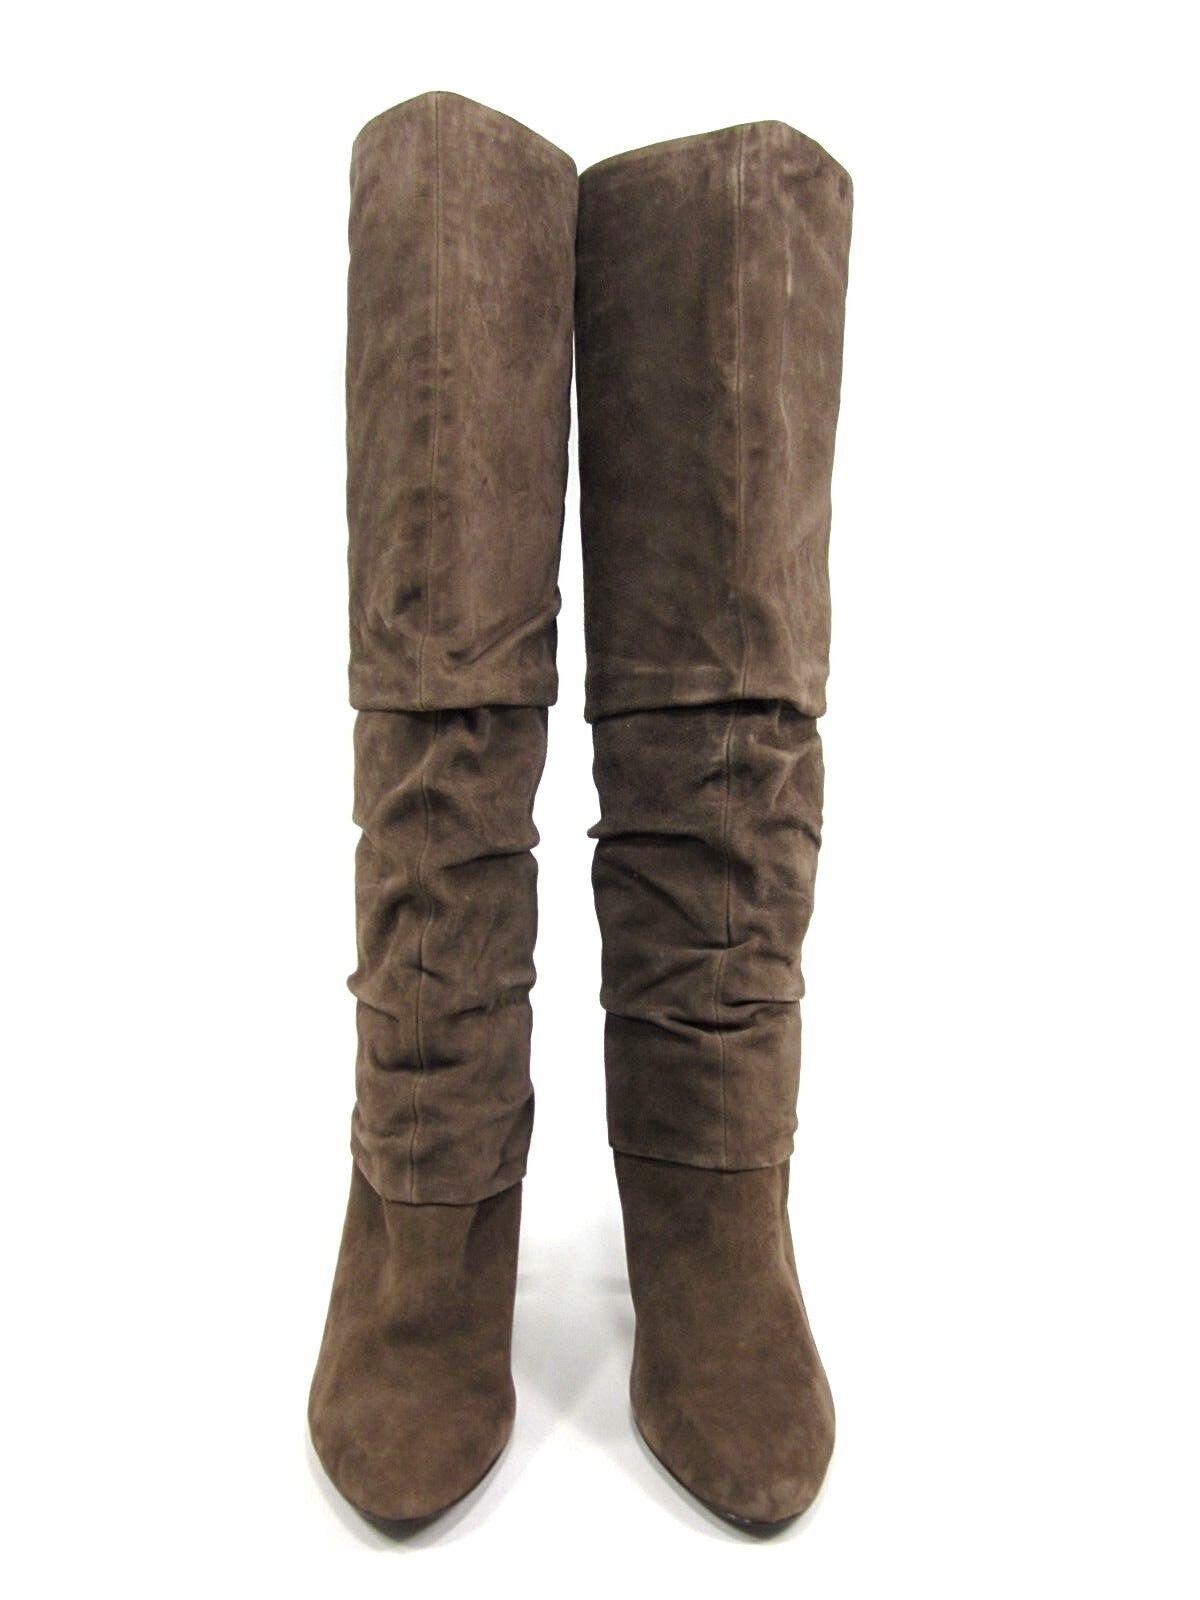 Isola para mujer Ante Mocha, Marrón Ante mujer gris, US tamaño 9.5, media, NUEVO exhibido sin Caja a47c84